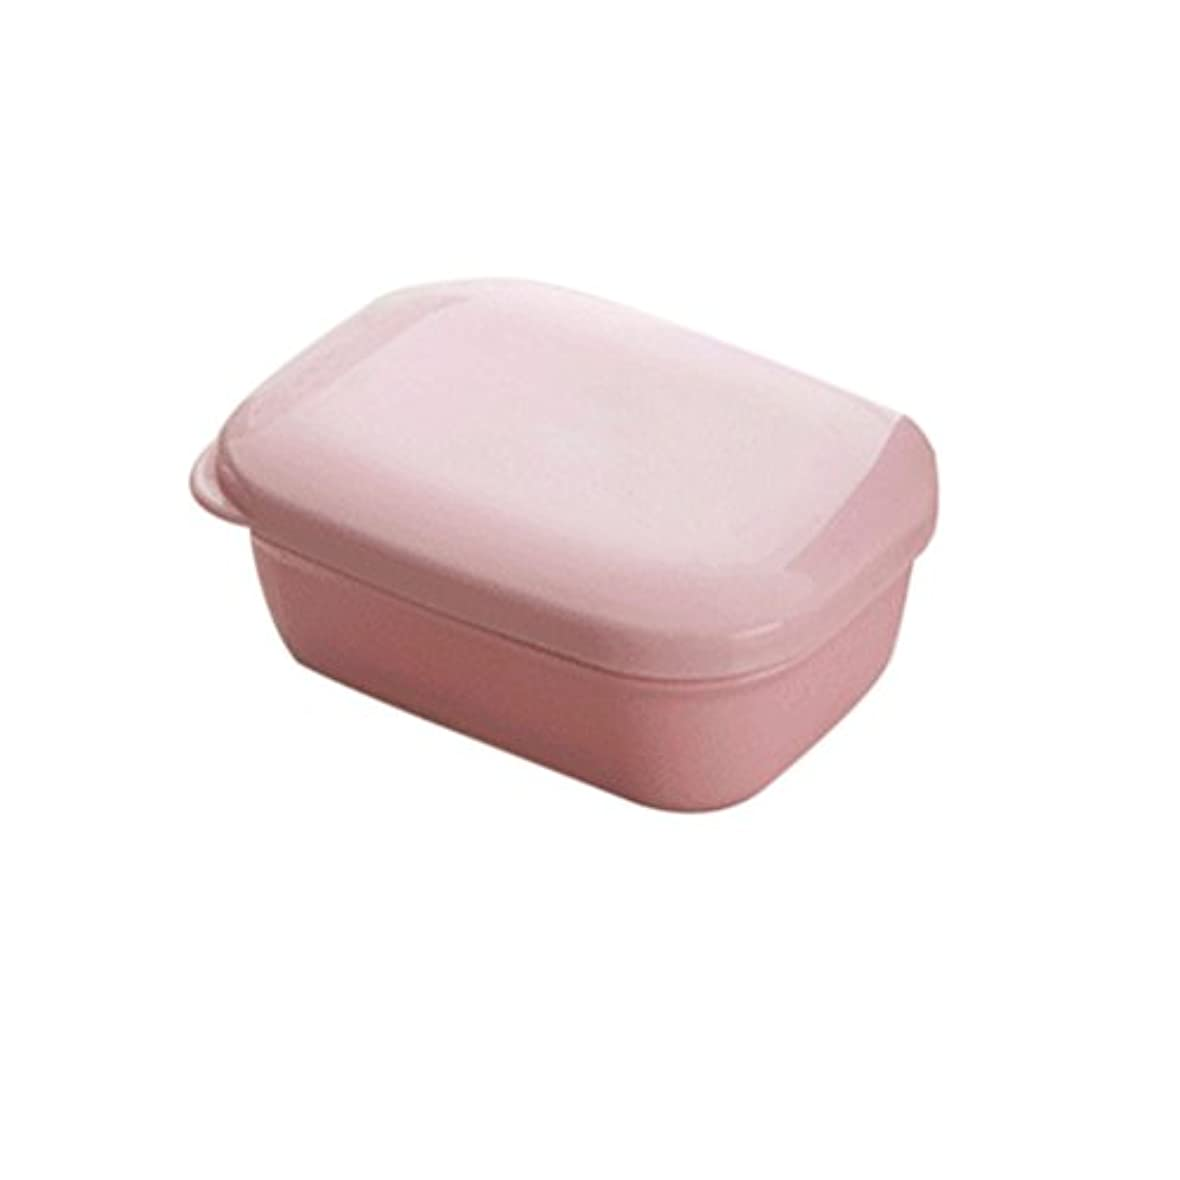 行商人刻むコーンウォールBESTOMZ 石鹸ケース 石鹸置き ソープディッシュ 旅行用 携帯 ふた付け(ピンク)